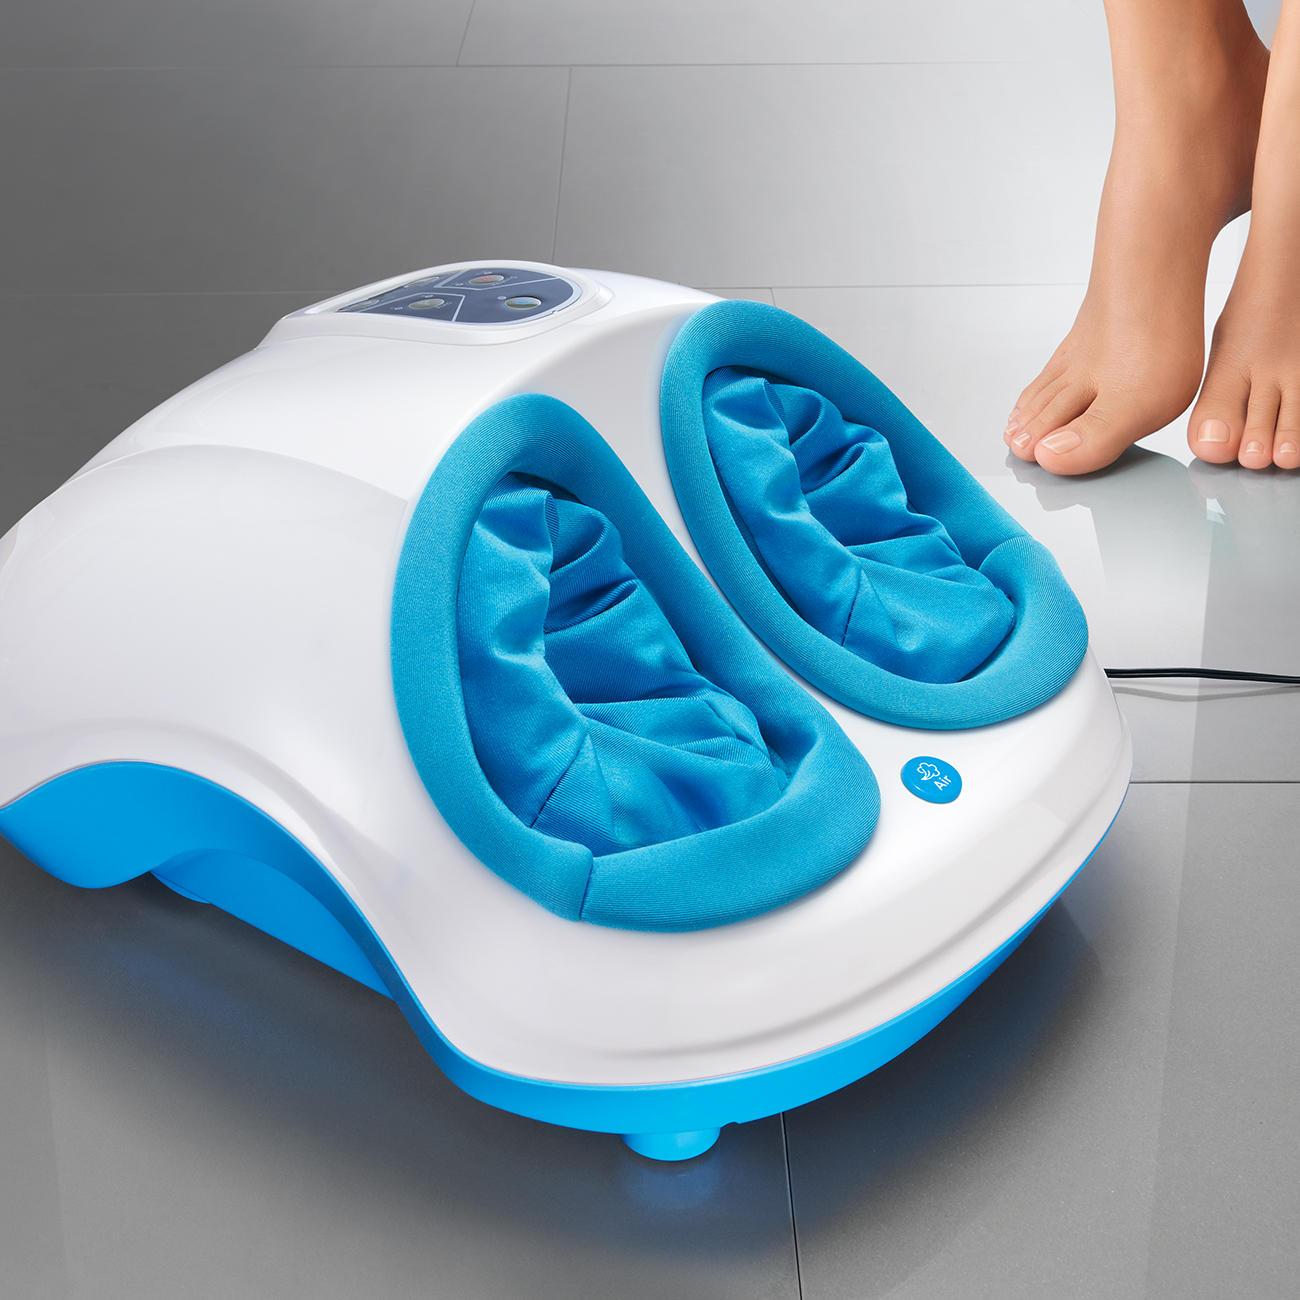 Arcotec Fussreflexzonen Massagegerät Fuß-Fit-Maxx :: Weiß/Türkis -  -  - Erwachsene